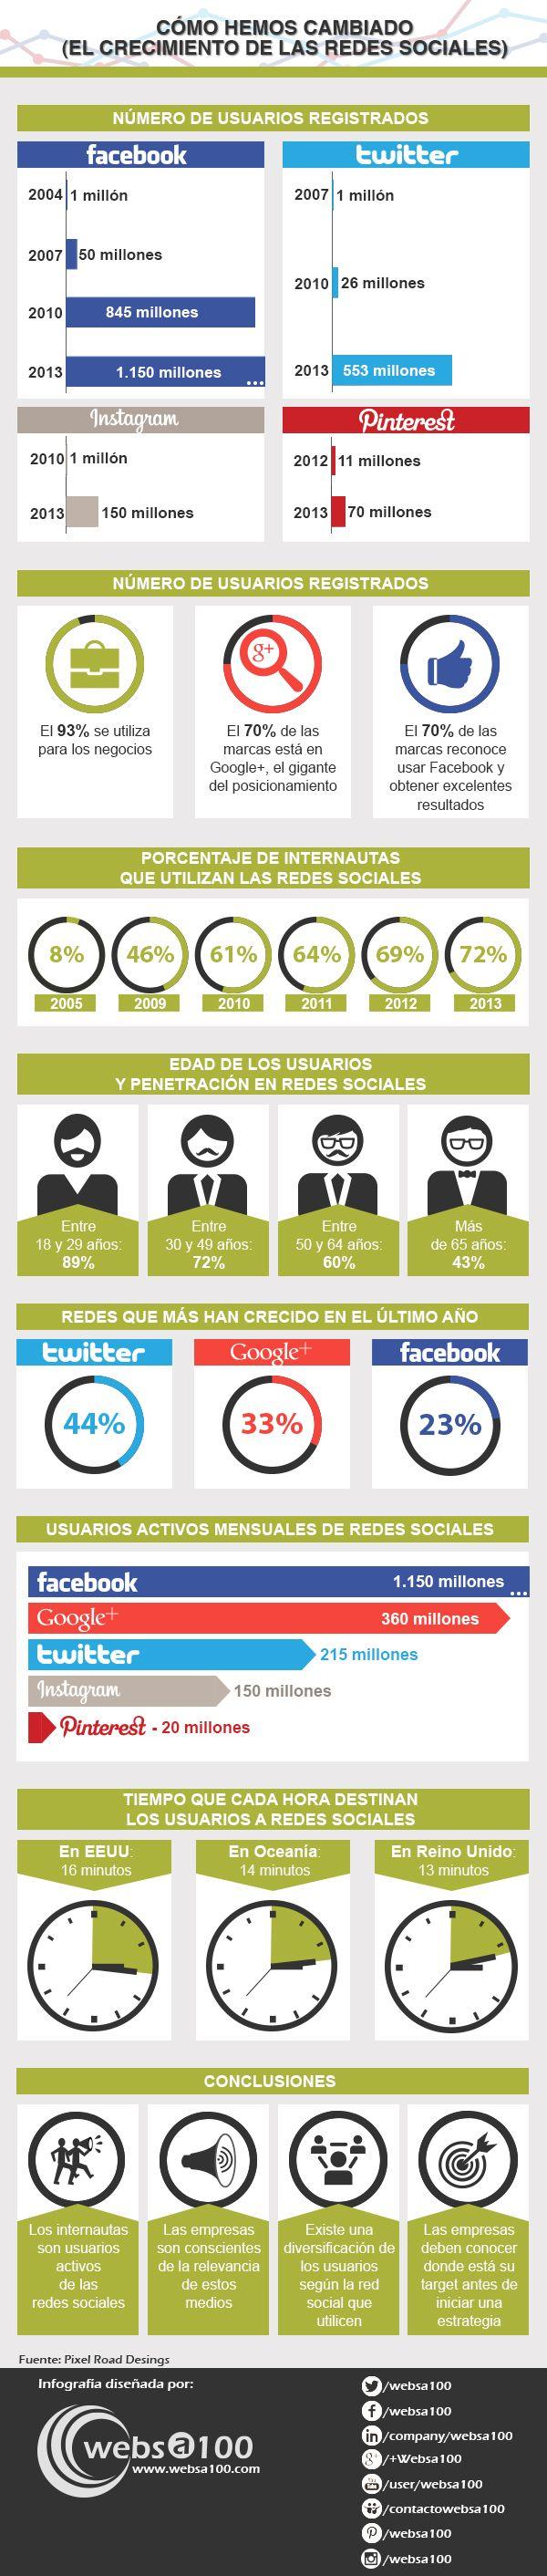 Crecimiento de las redes sociales en España